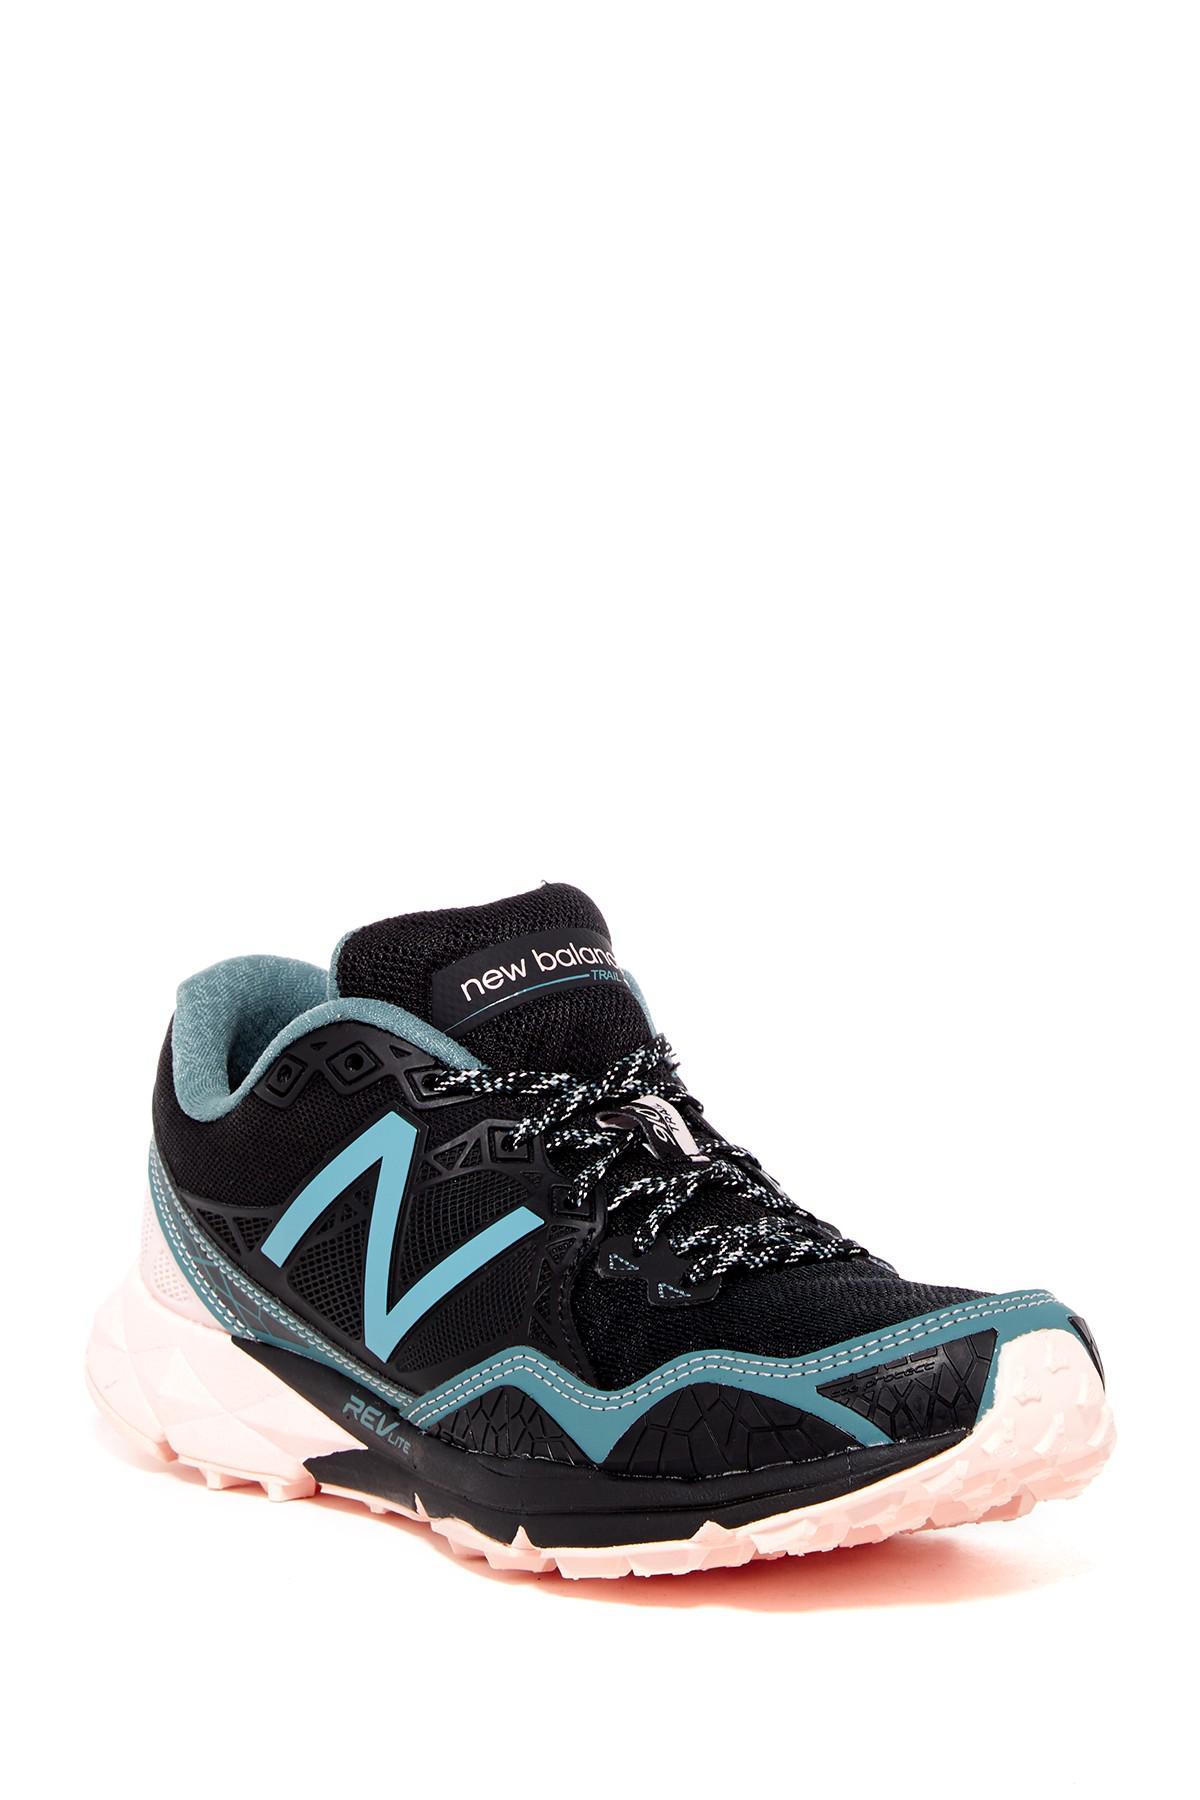 Nouvel Équilibre Q317 V3 Baskets Running - Grande Largeur Disponible Professionnel De Jeu Visiter Le Nouveau wEevy